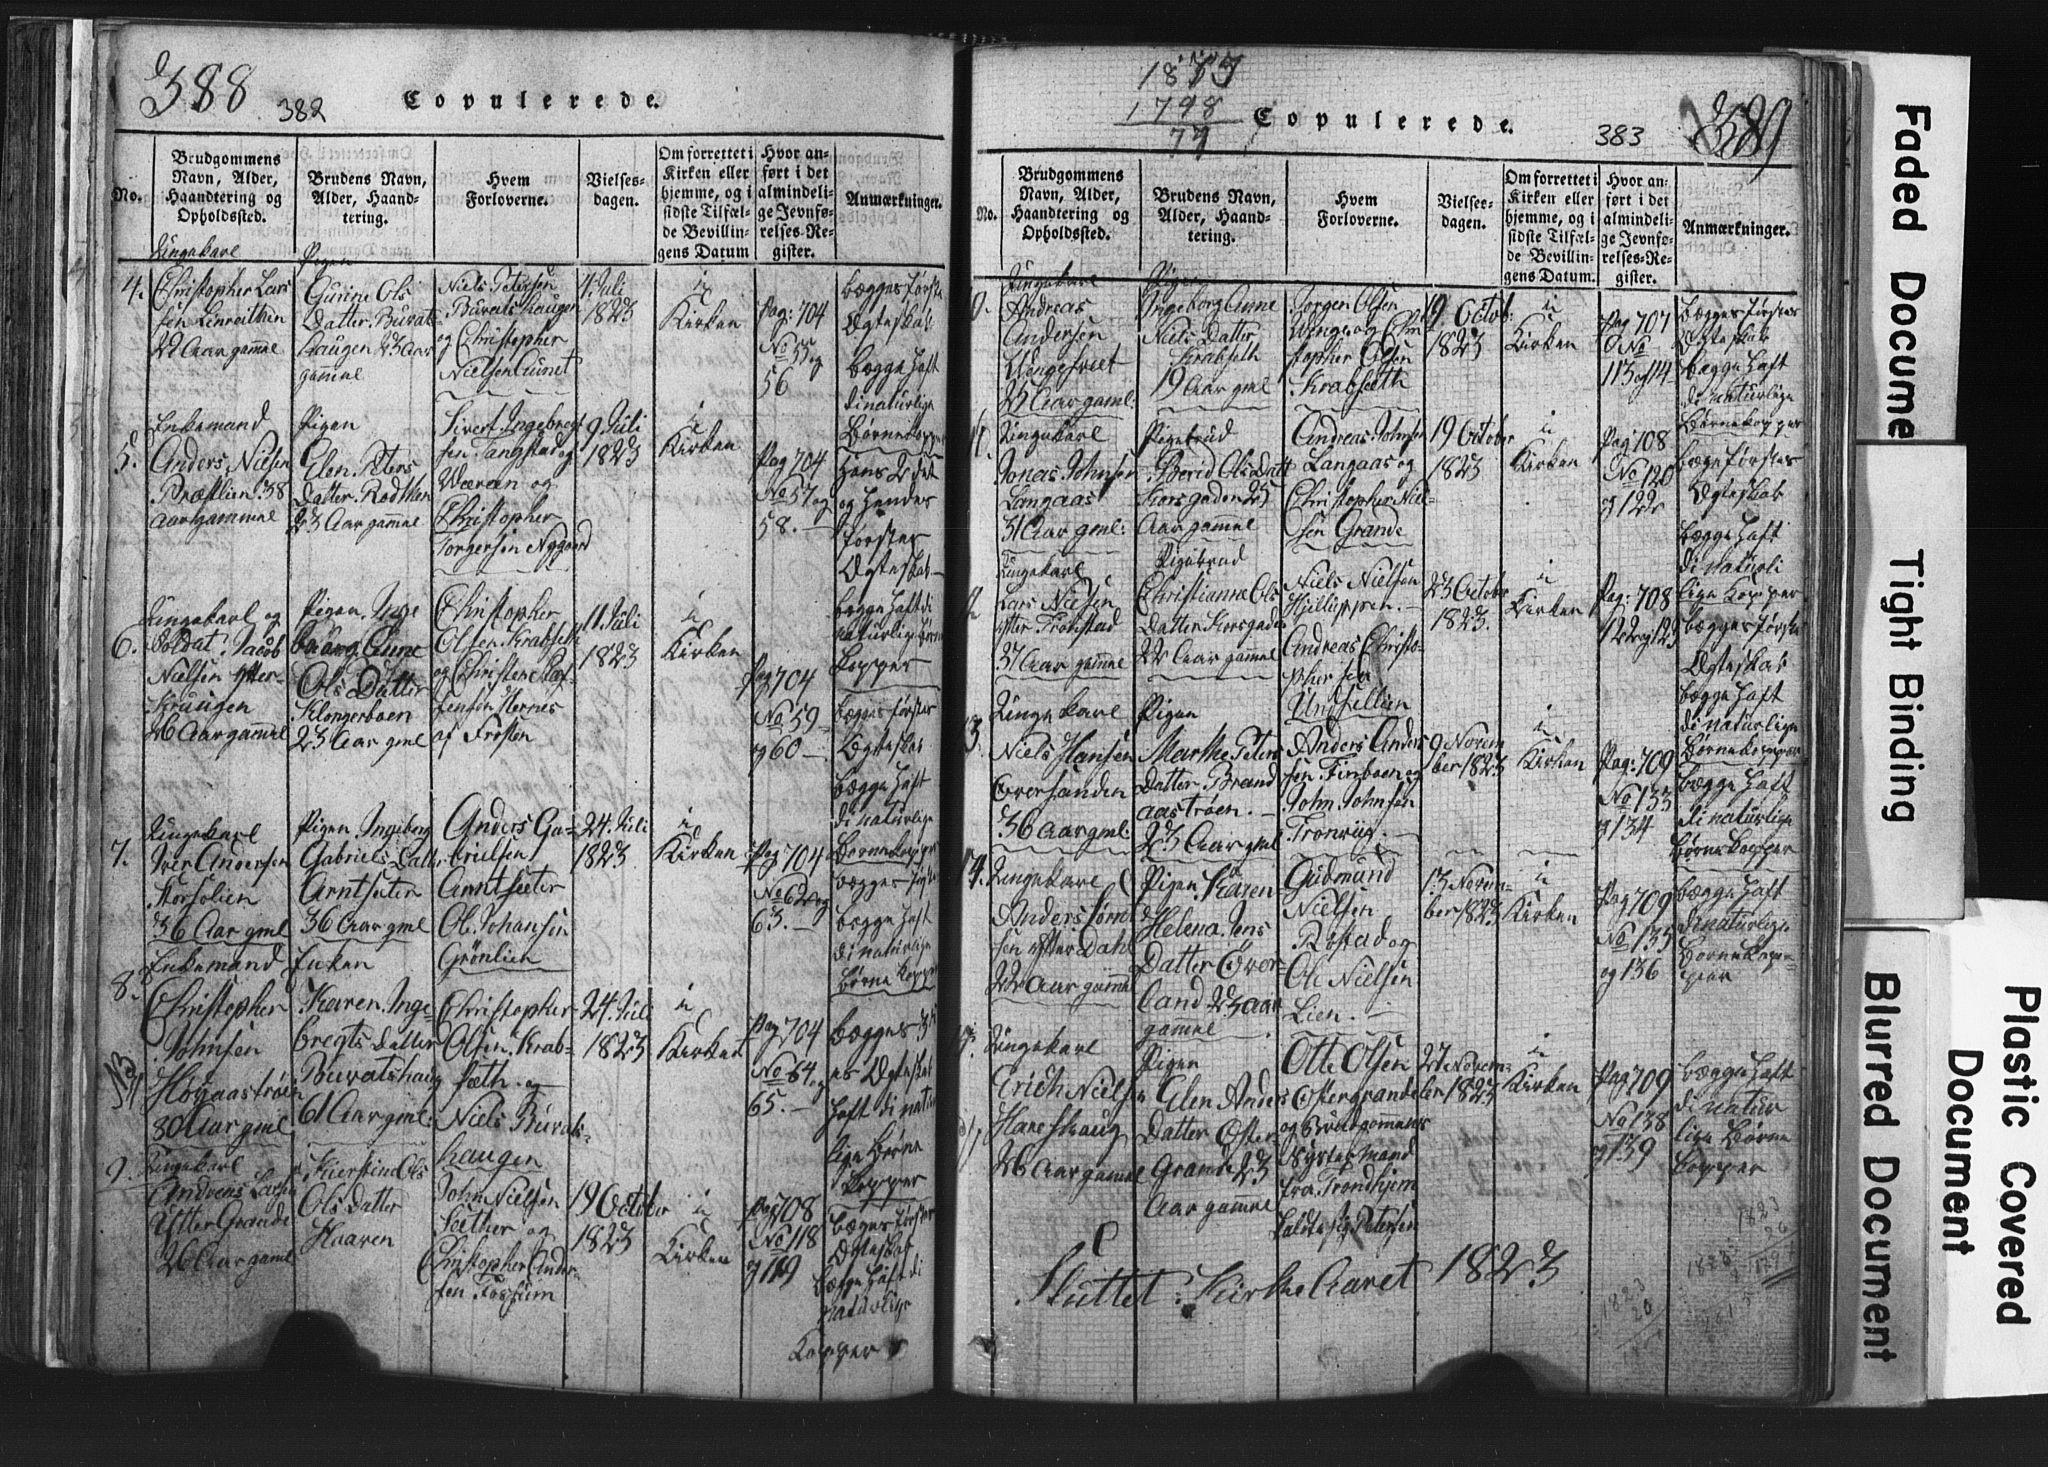 SAT, Ministerialprotokoller, klokkerbøker og fødselsregistre - Nord-Trøndelag, 701/L0017: Klokkerbok nr. 701C01, 1817-1825, s. 382-383